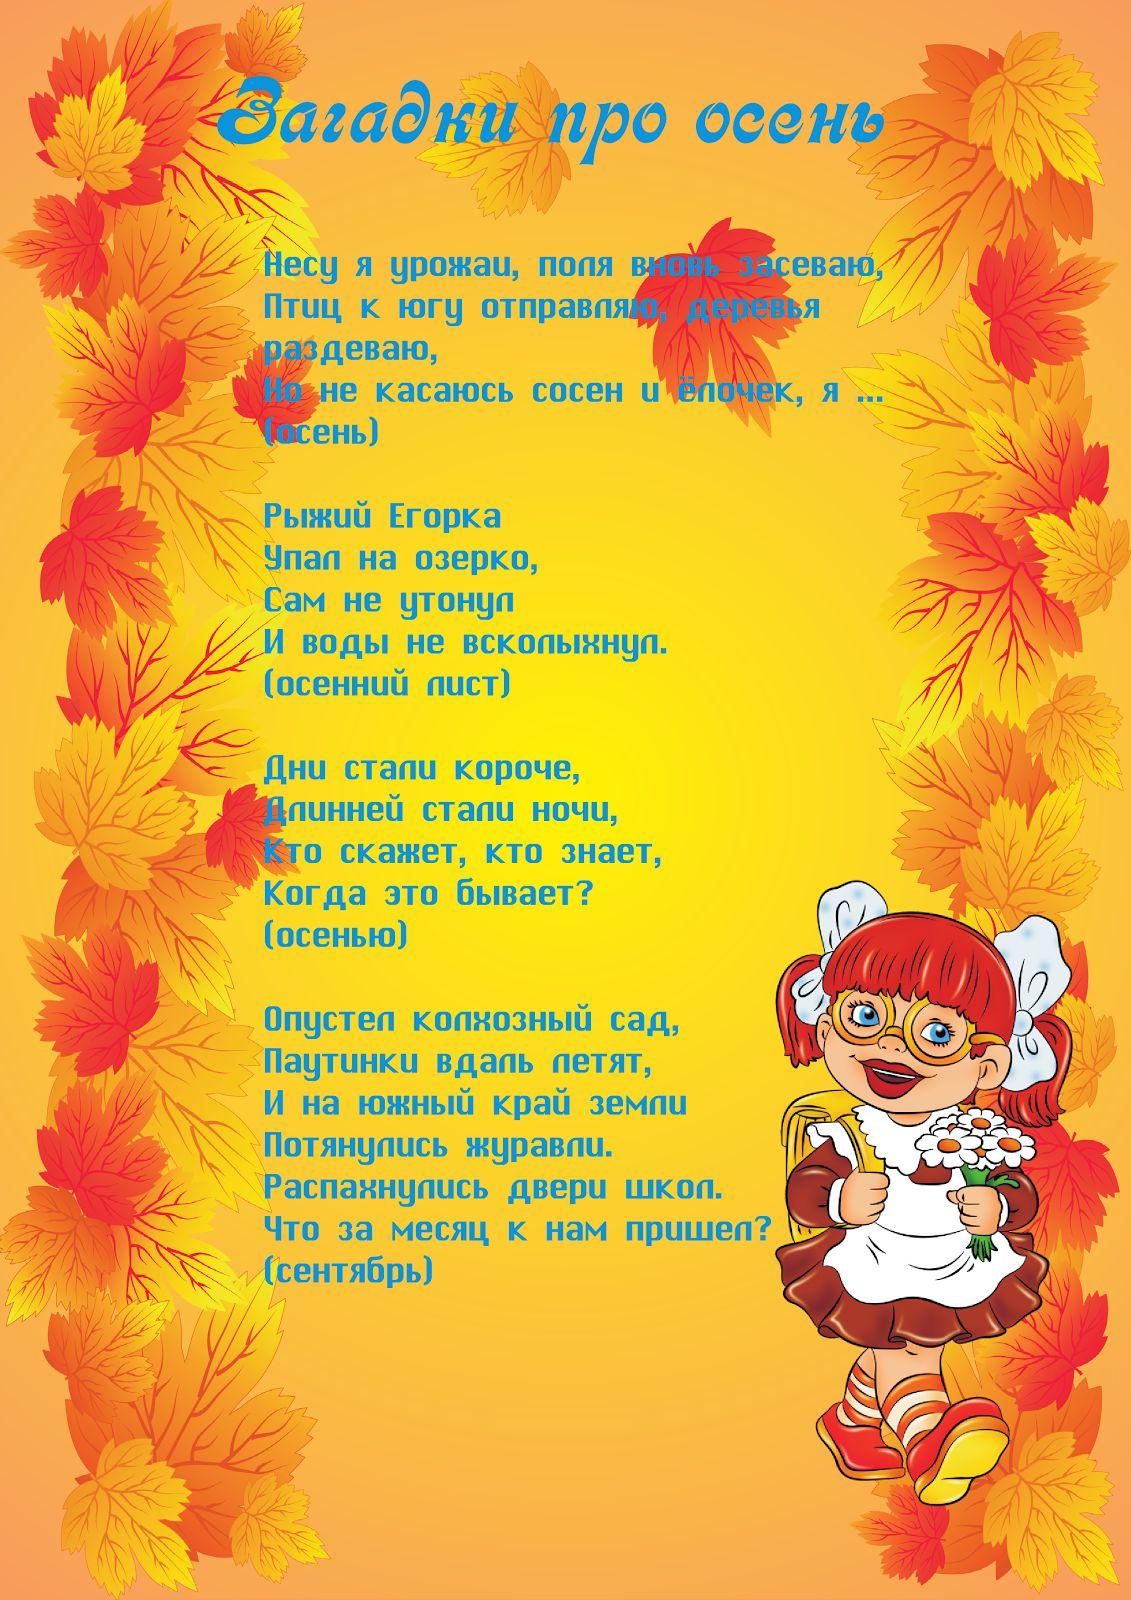 Стихи про осень для монолога наизусть